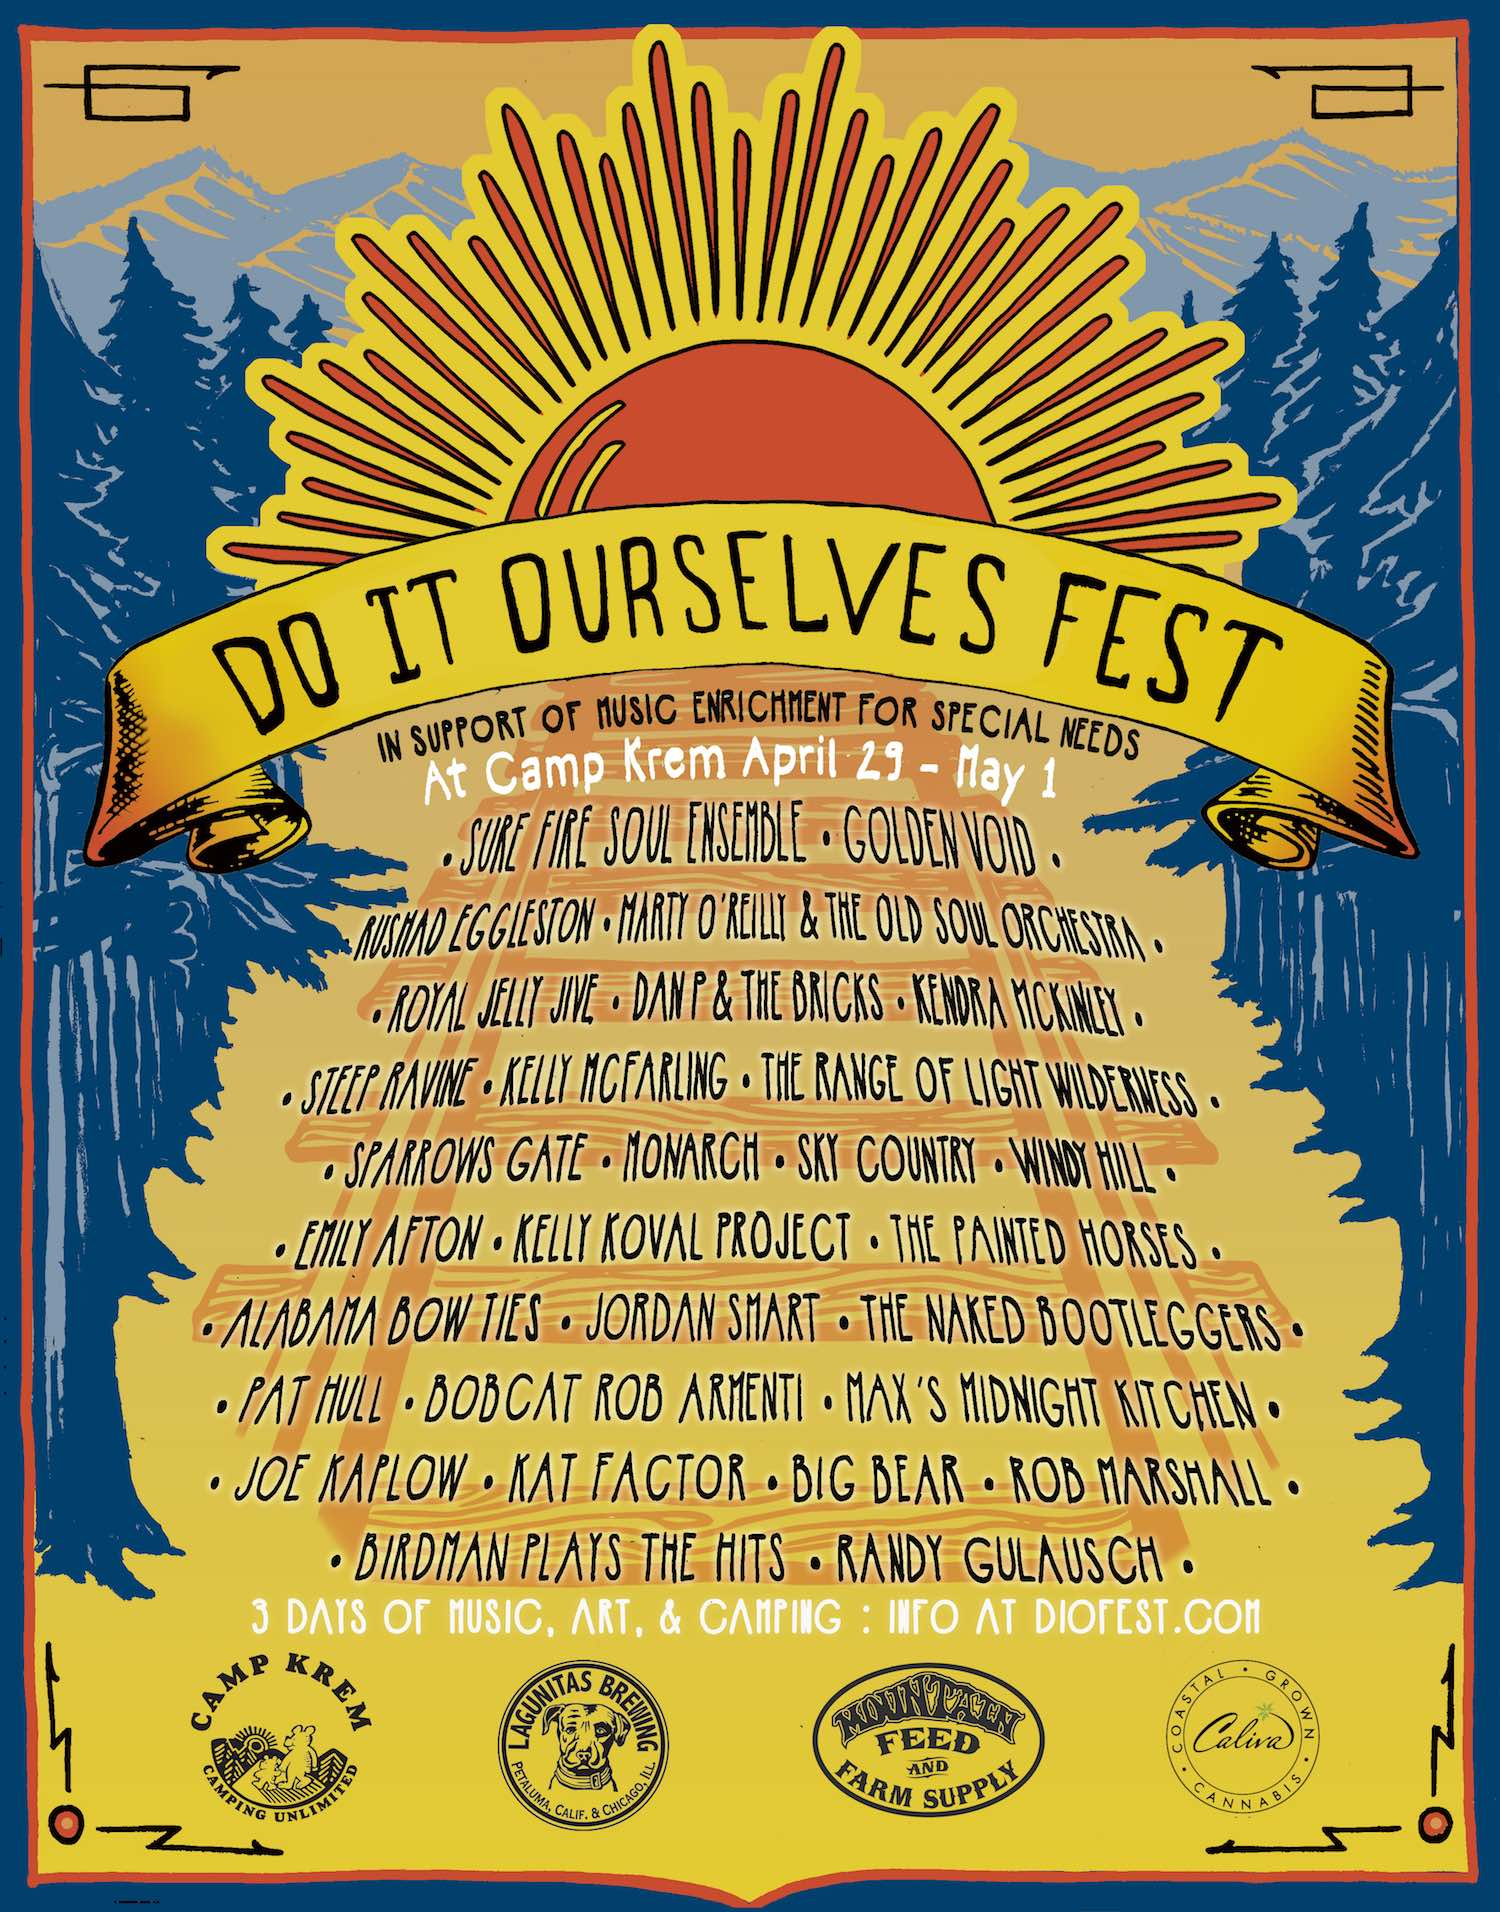 poster art by Lucas Elmer